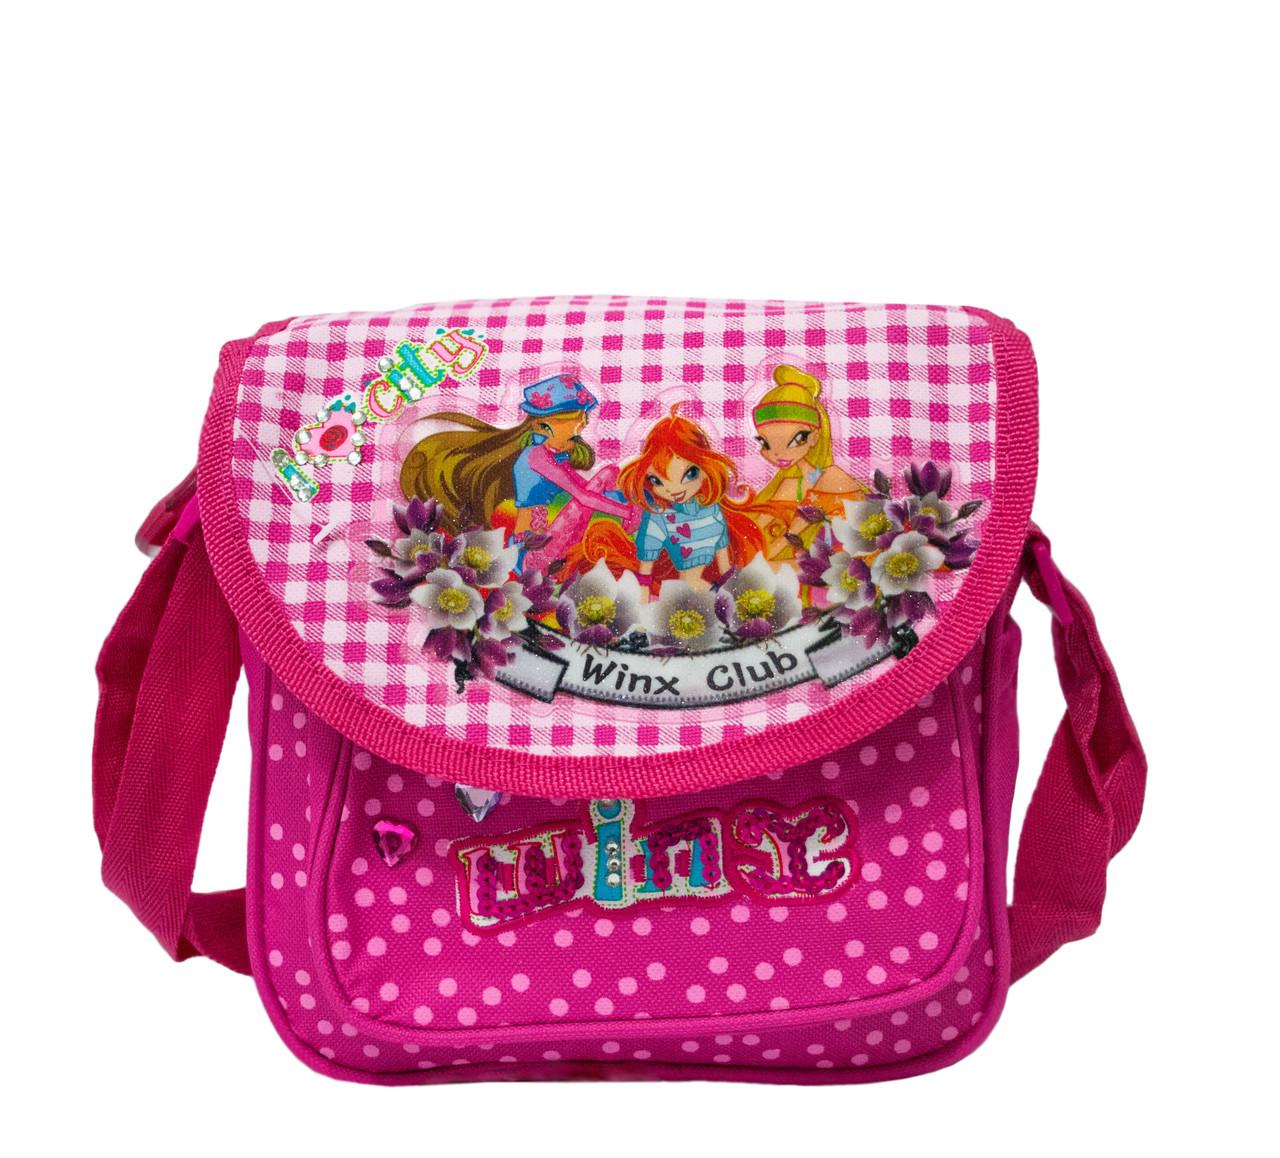 58042a623568 Детская сумочка «Winx Club» 62553-A Розовый (20х15х10 см) купить оптом